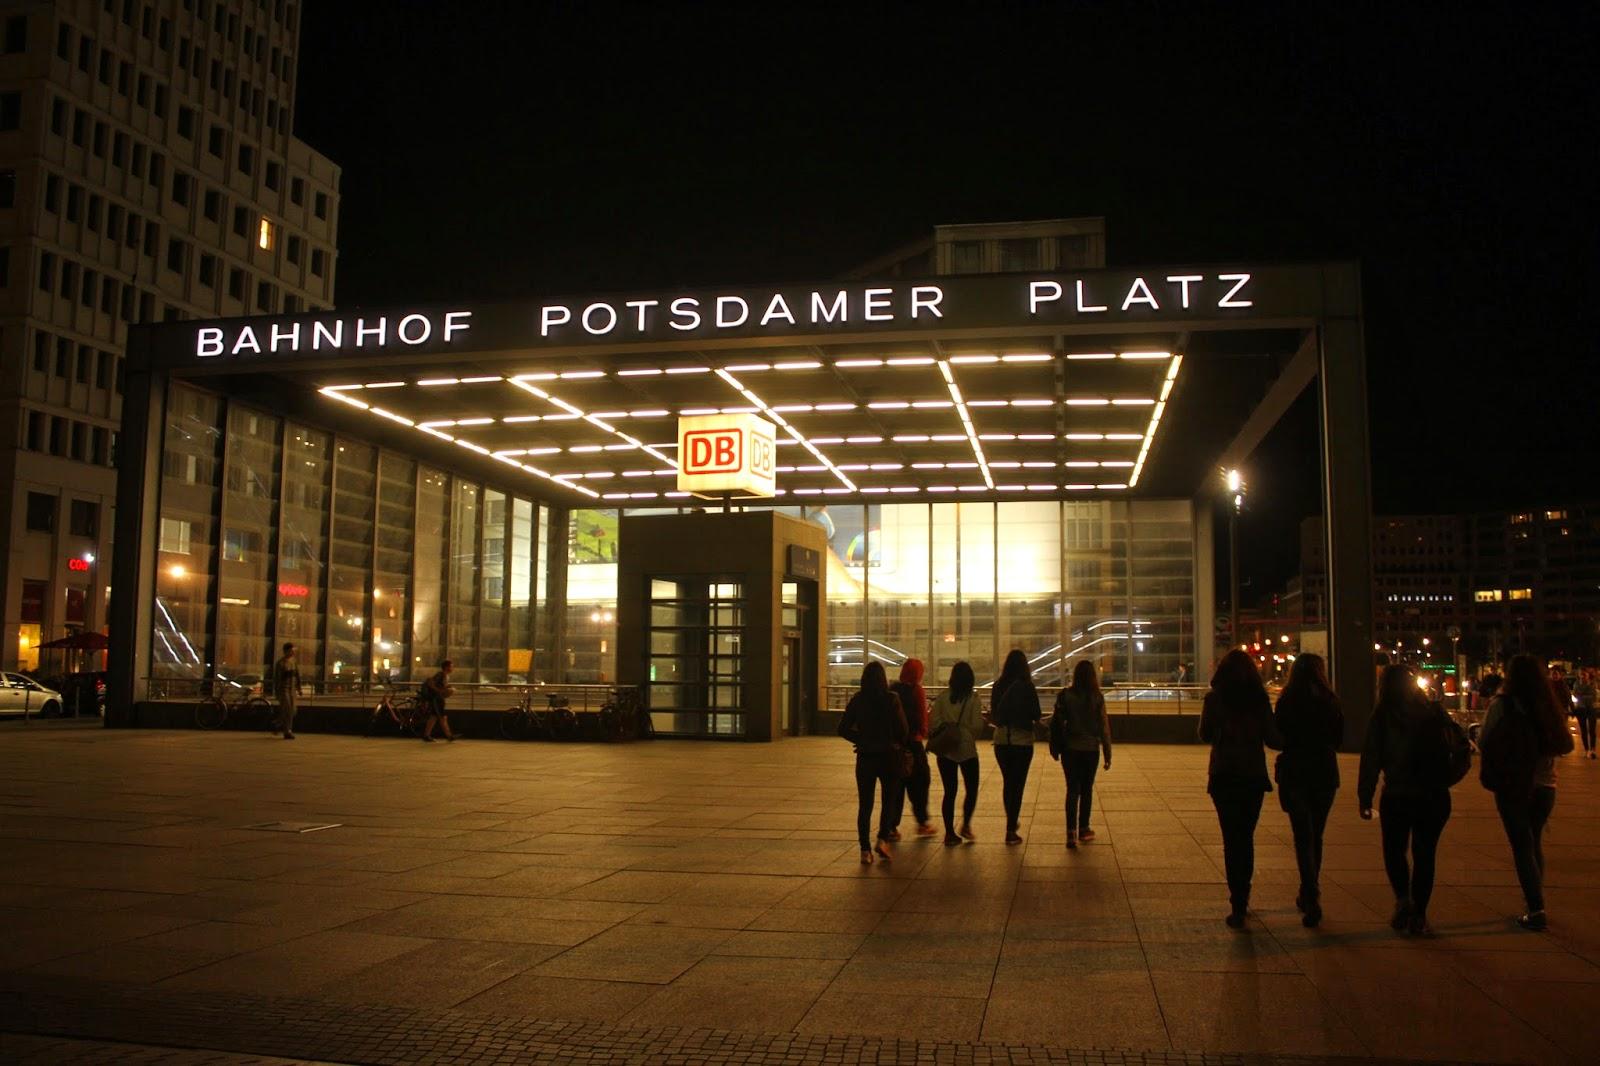 DICAS de viagem para visitar BERLIM (com os melhores hotéis e lugares a visitar) | Alemanha